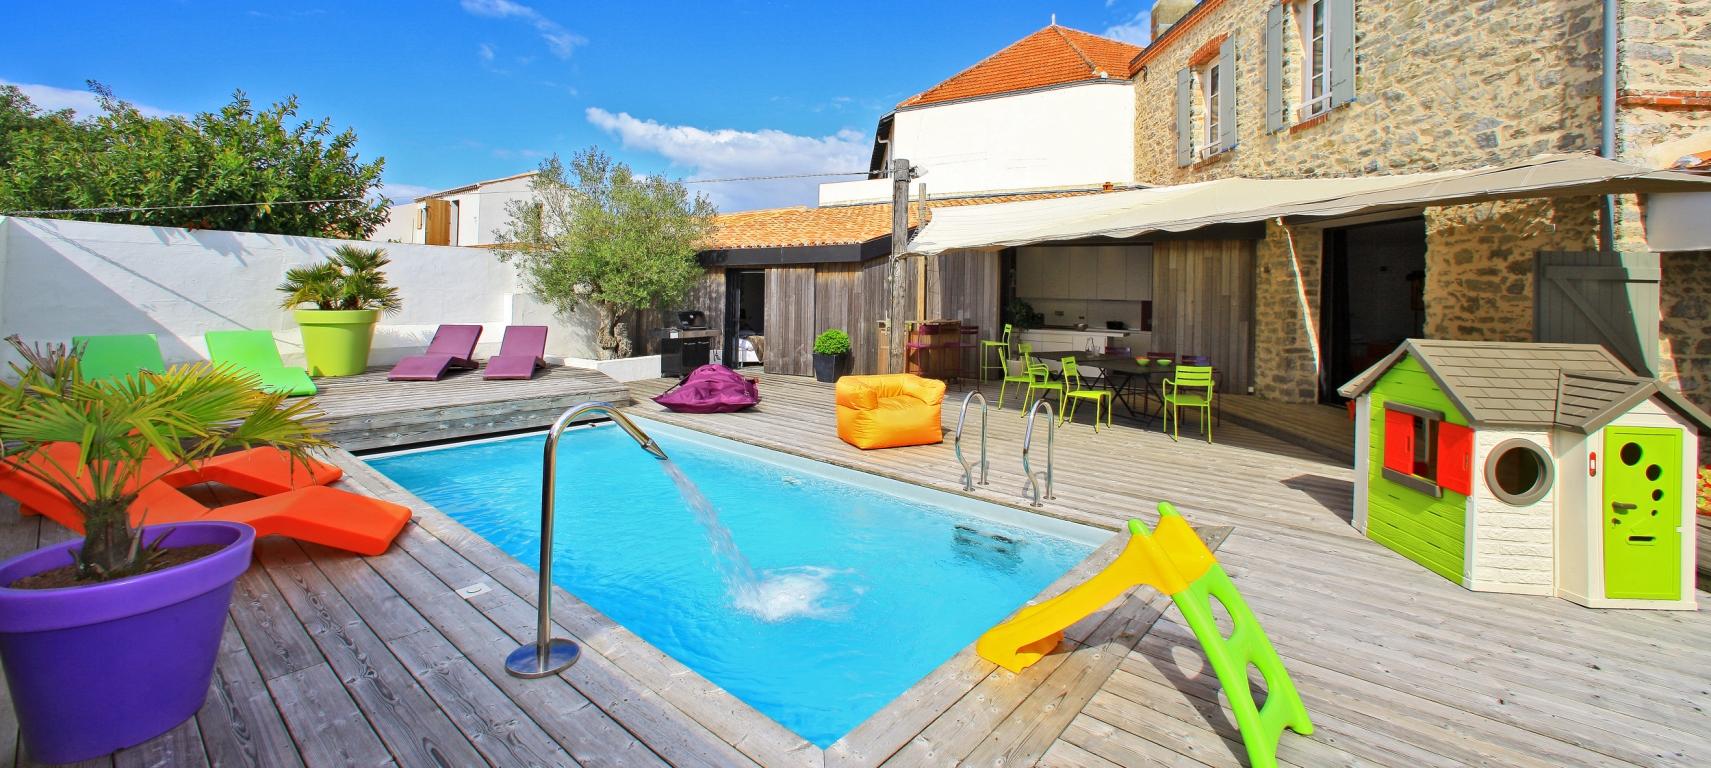 piscine exposition sud terrasse en bois villa de luxe noirmoutier en l'île